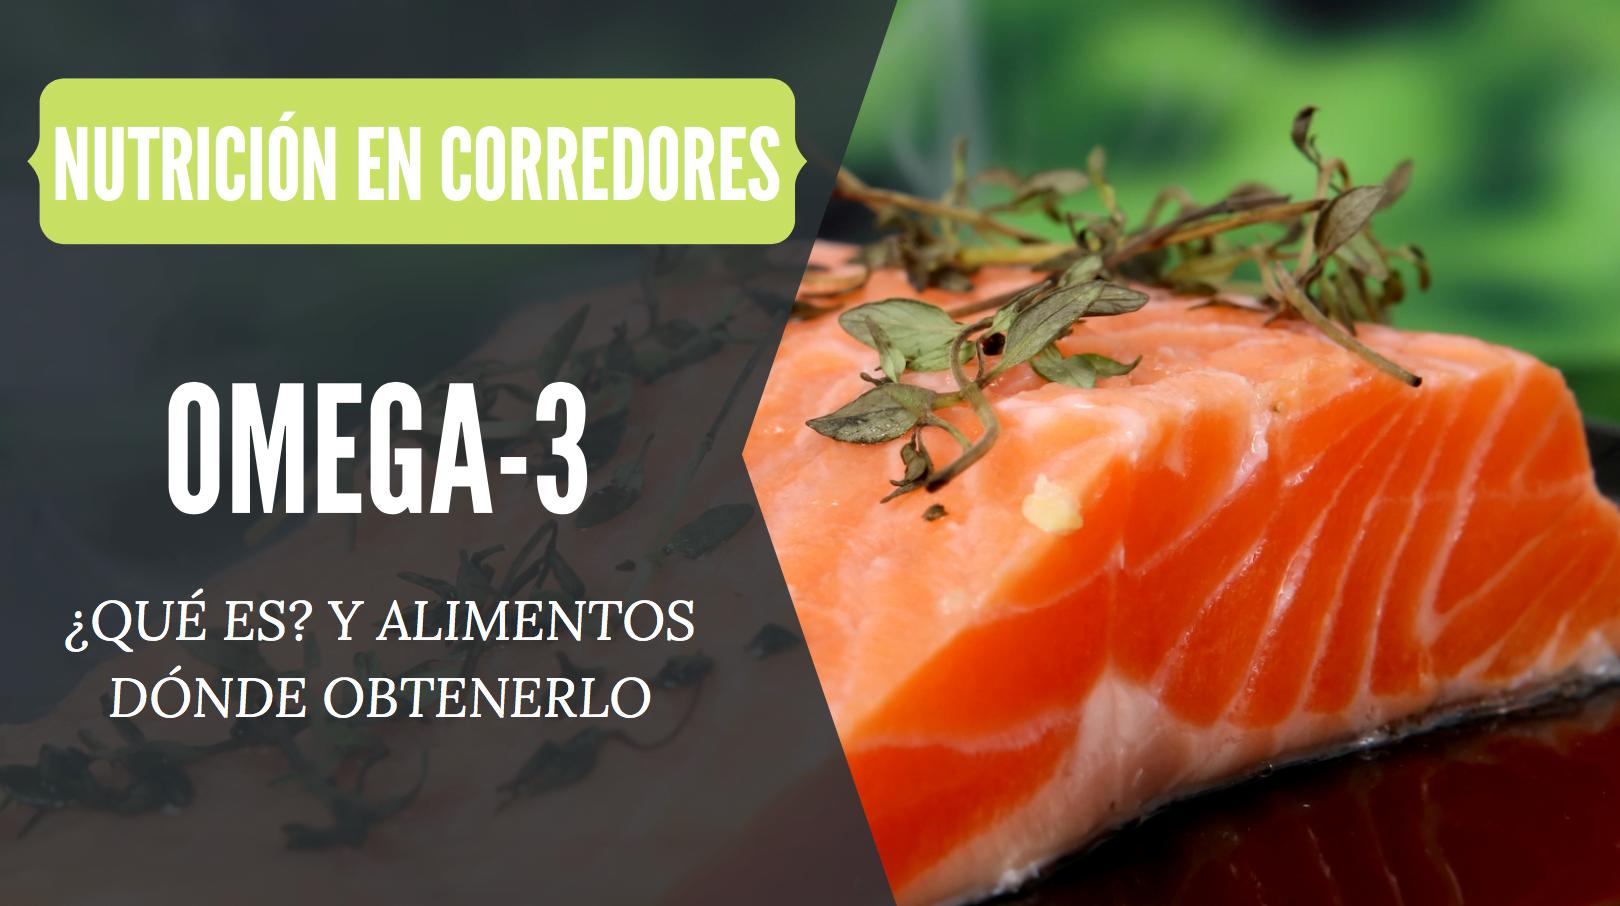 omega 3 que es alimentos